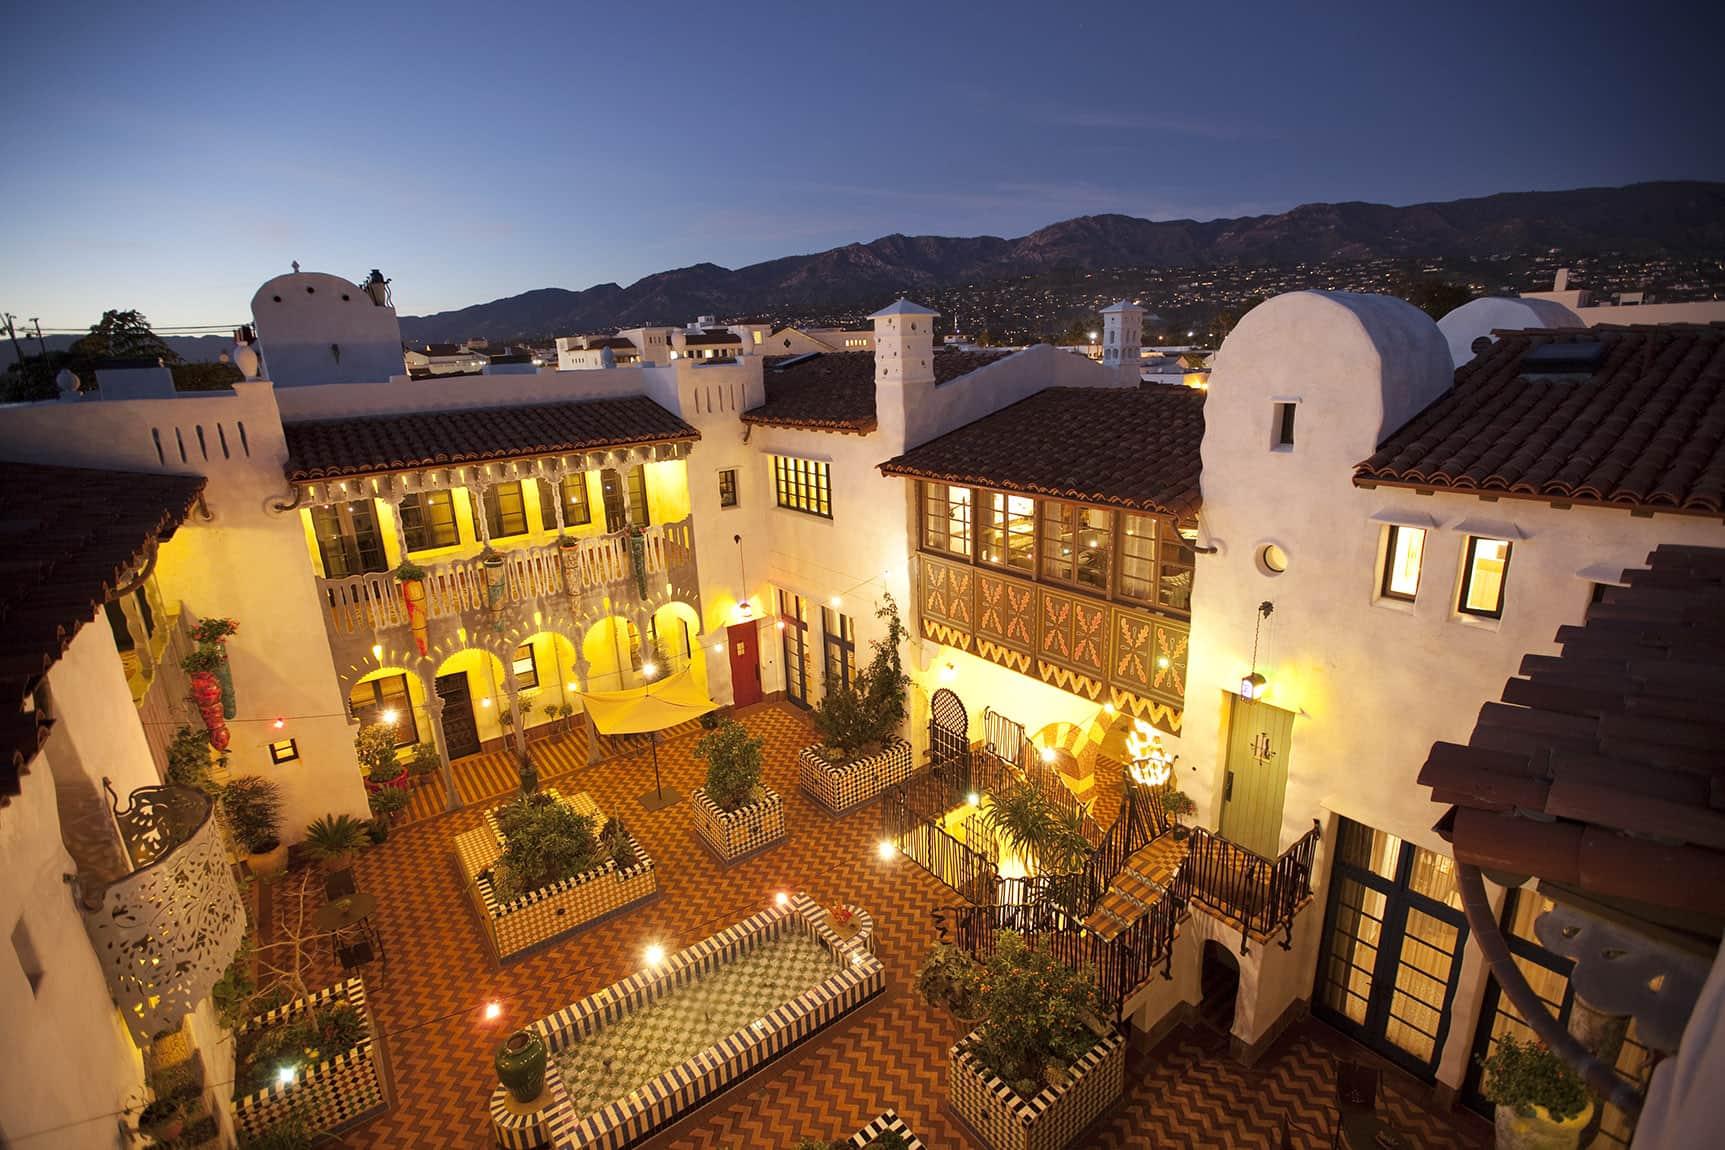 El Andaluz Santa Barbara